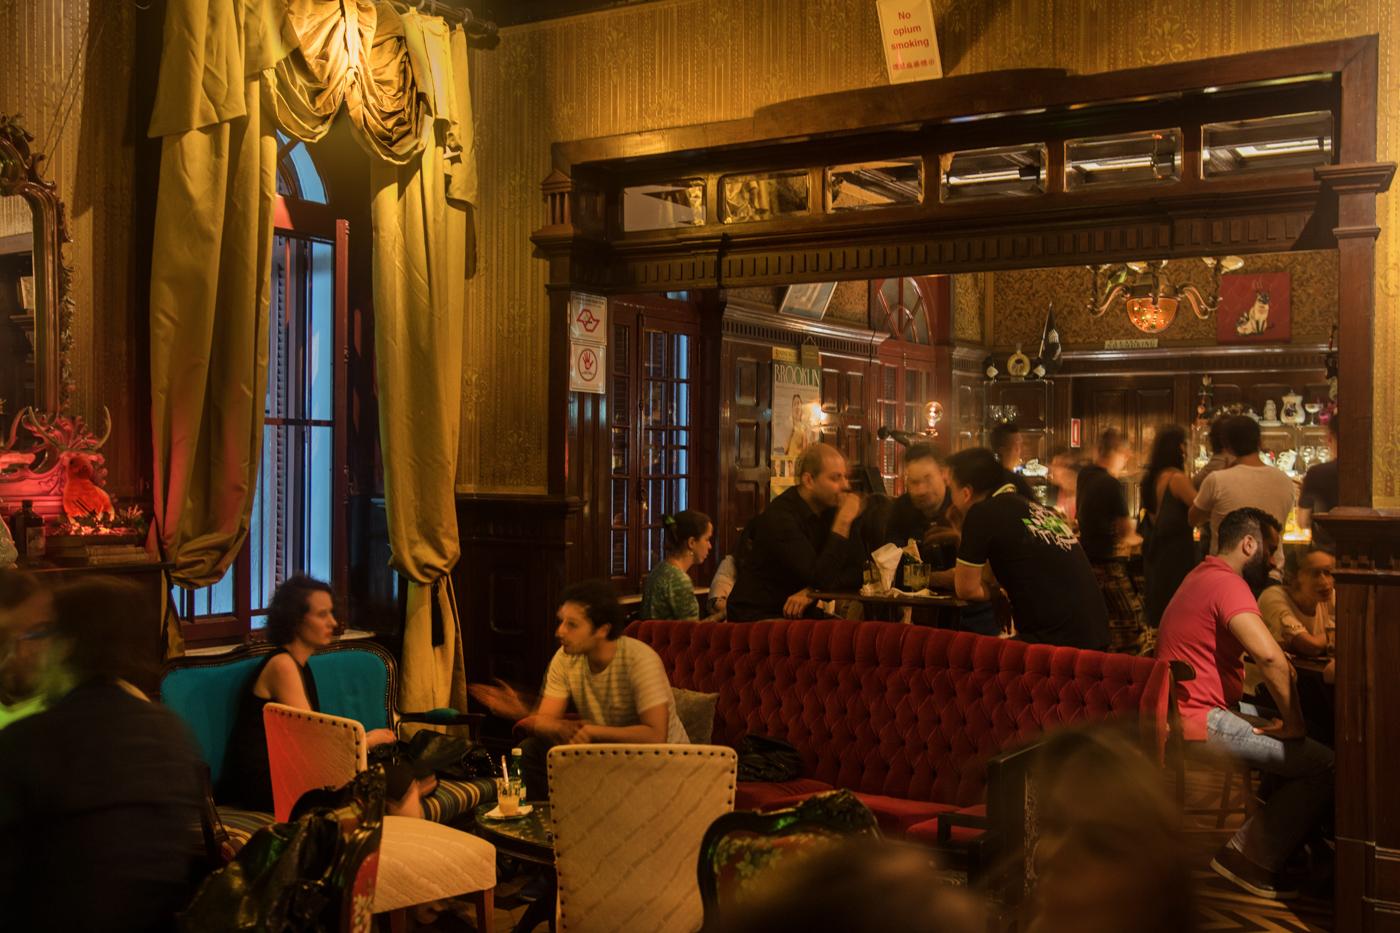 Conheça o Drosophyla, um bar cheio de charme no centro de São Paulo